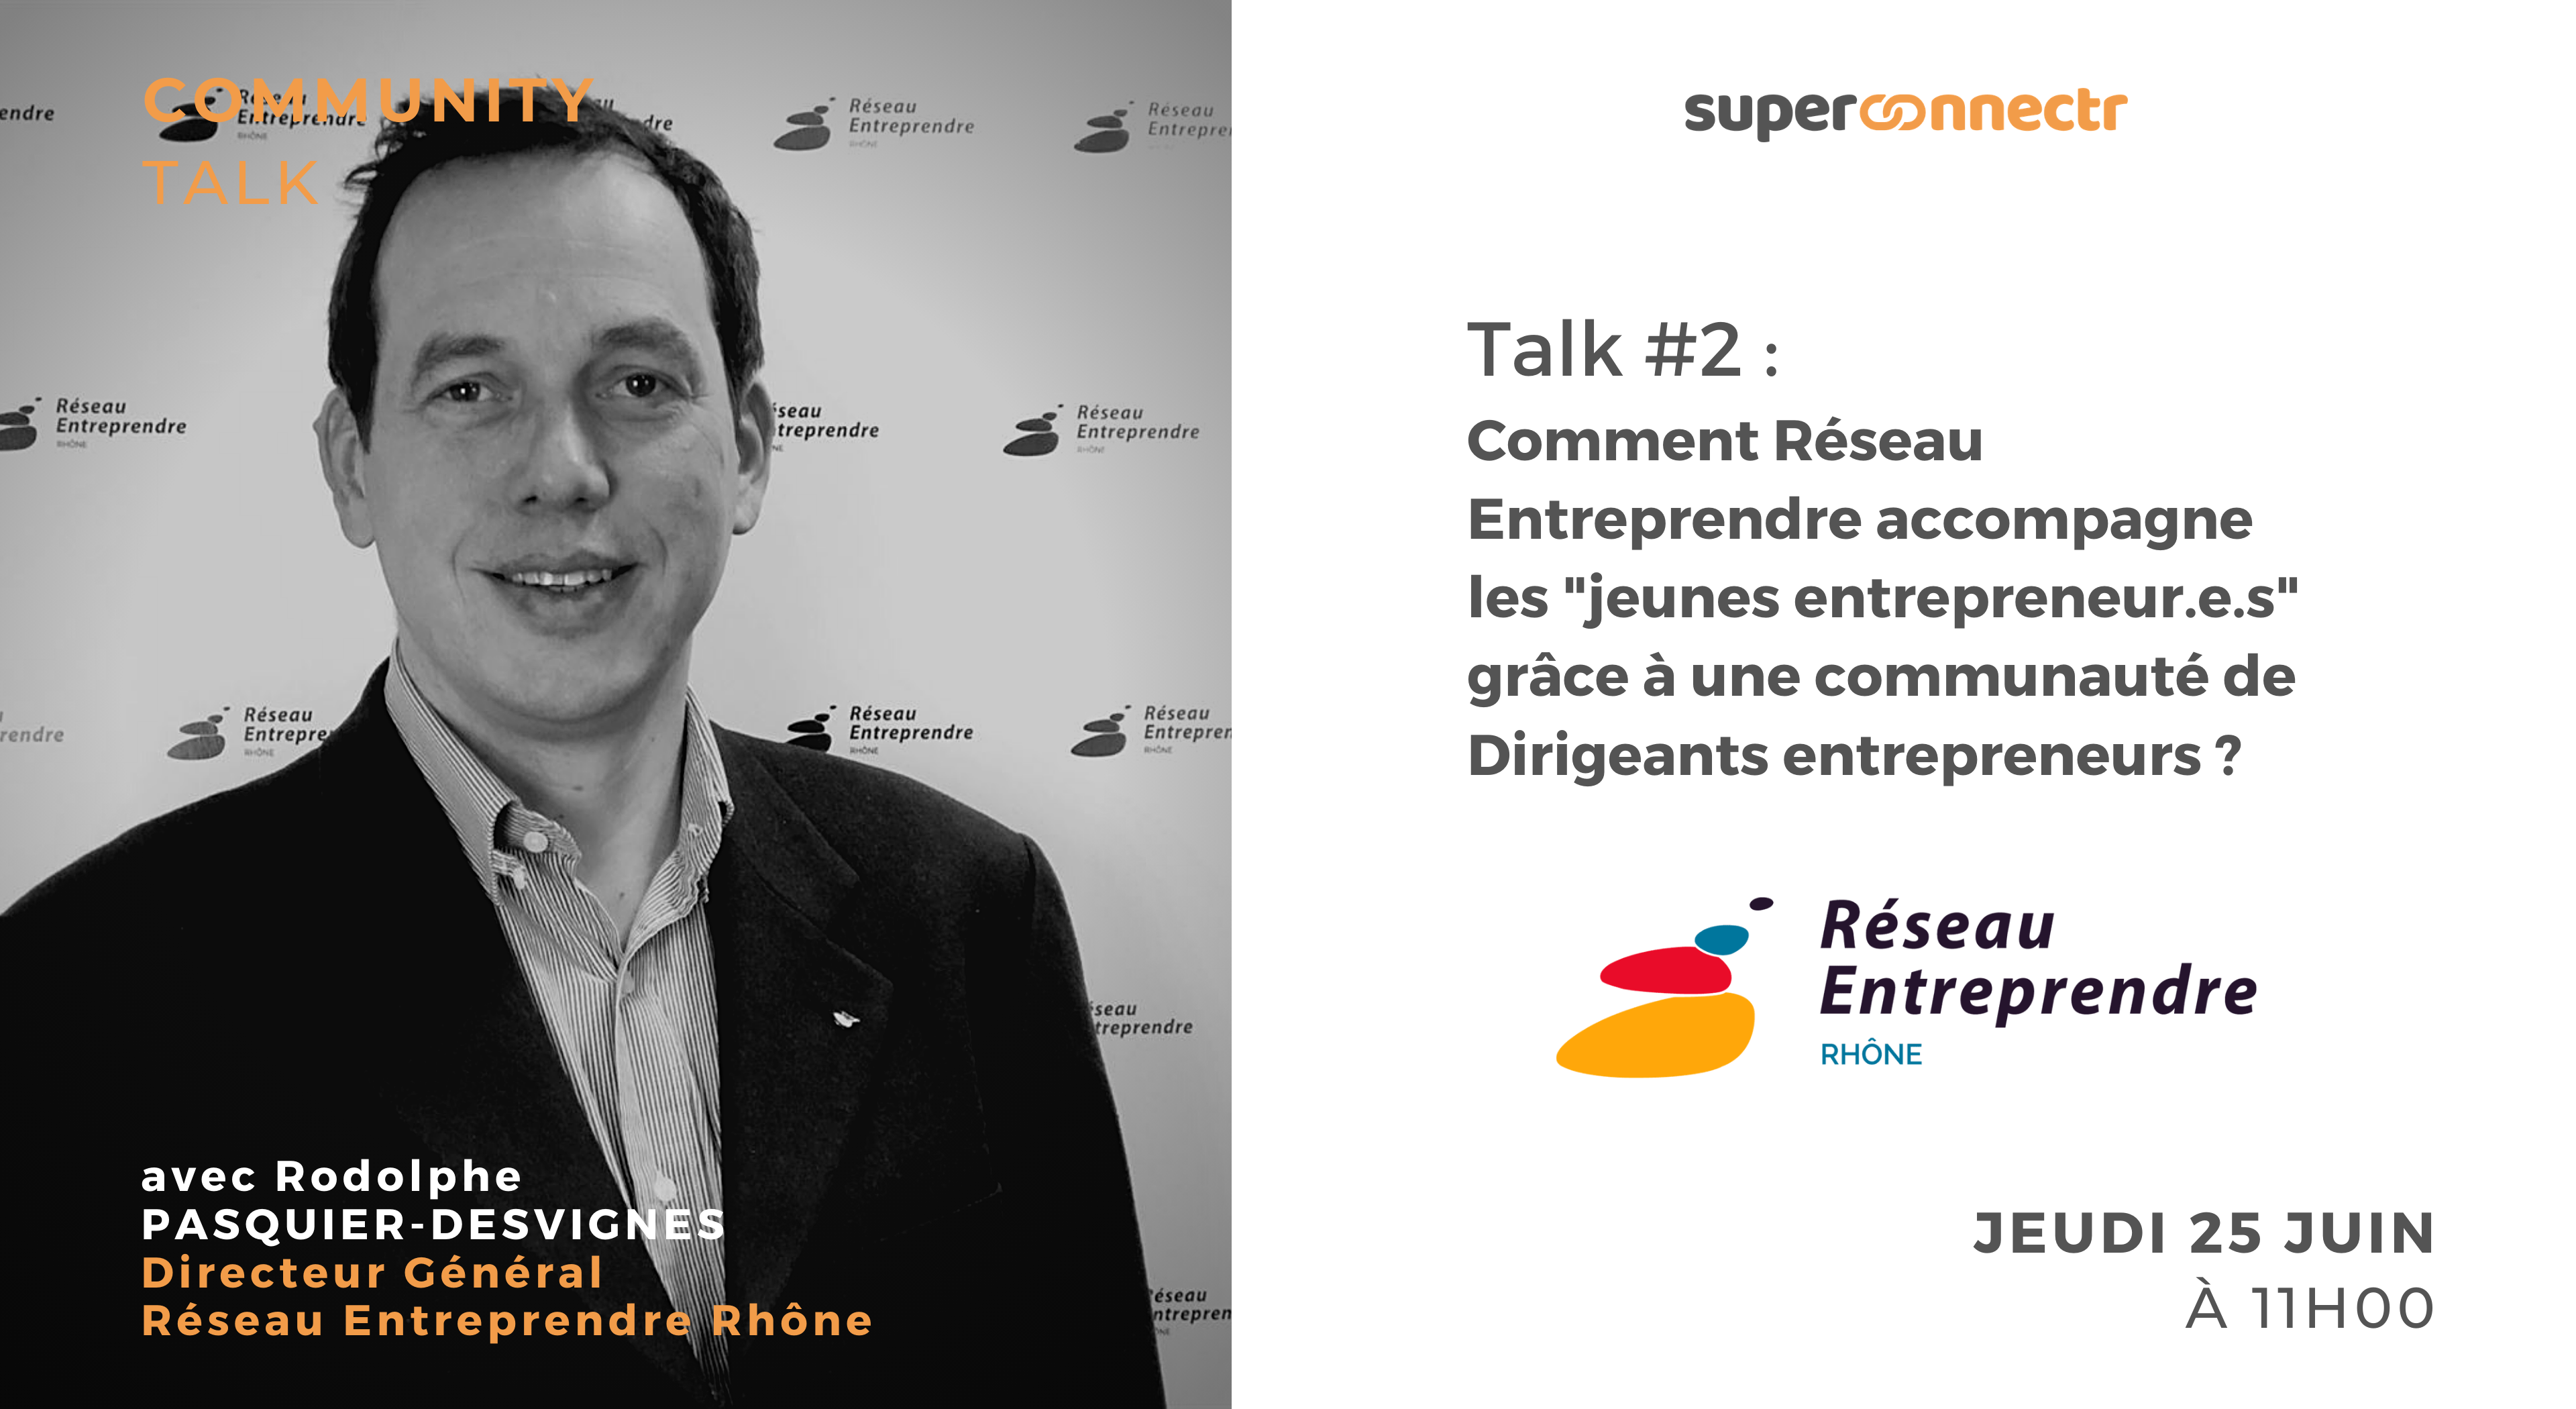 """Interview : """"Comment Réseau Entreprendre accompagne les """"jeunes entrepreneur.e.s"""" grâce à une communauté de dirigeants entrepreneurs ?"""""""